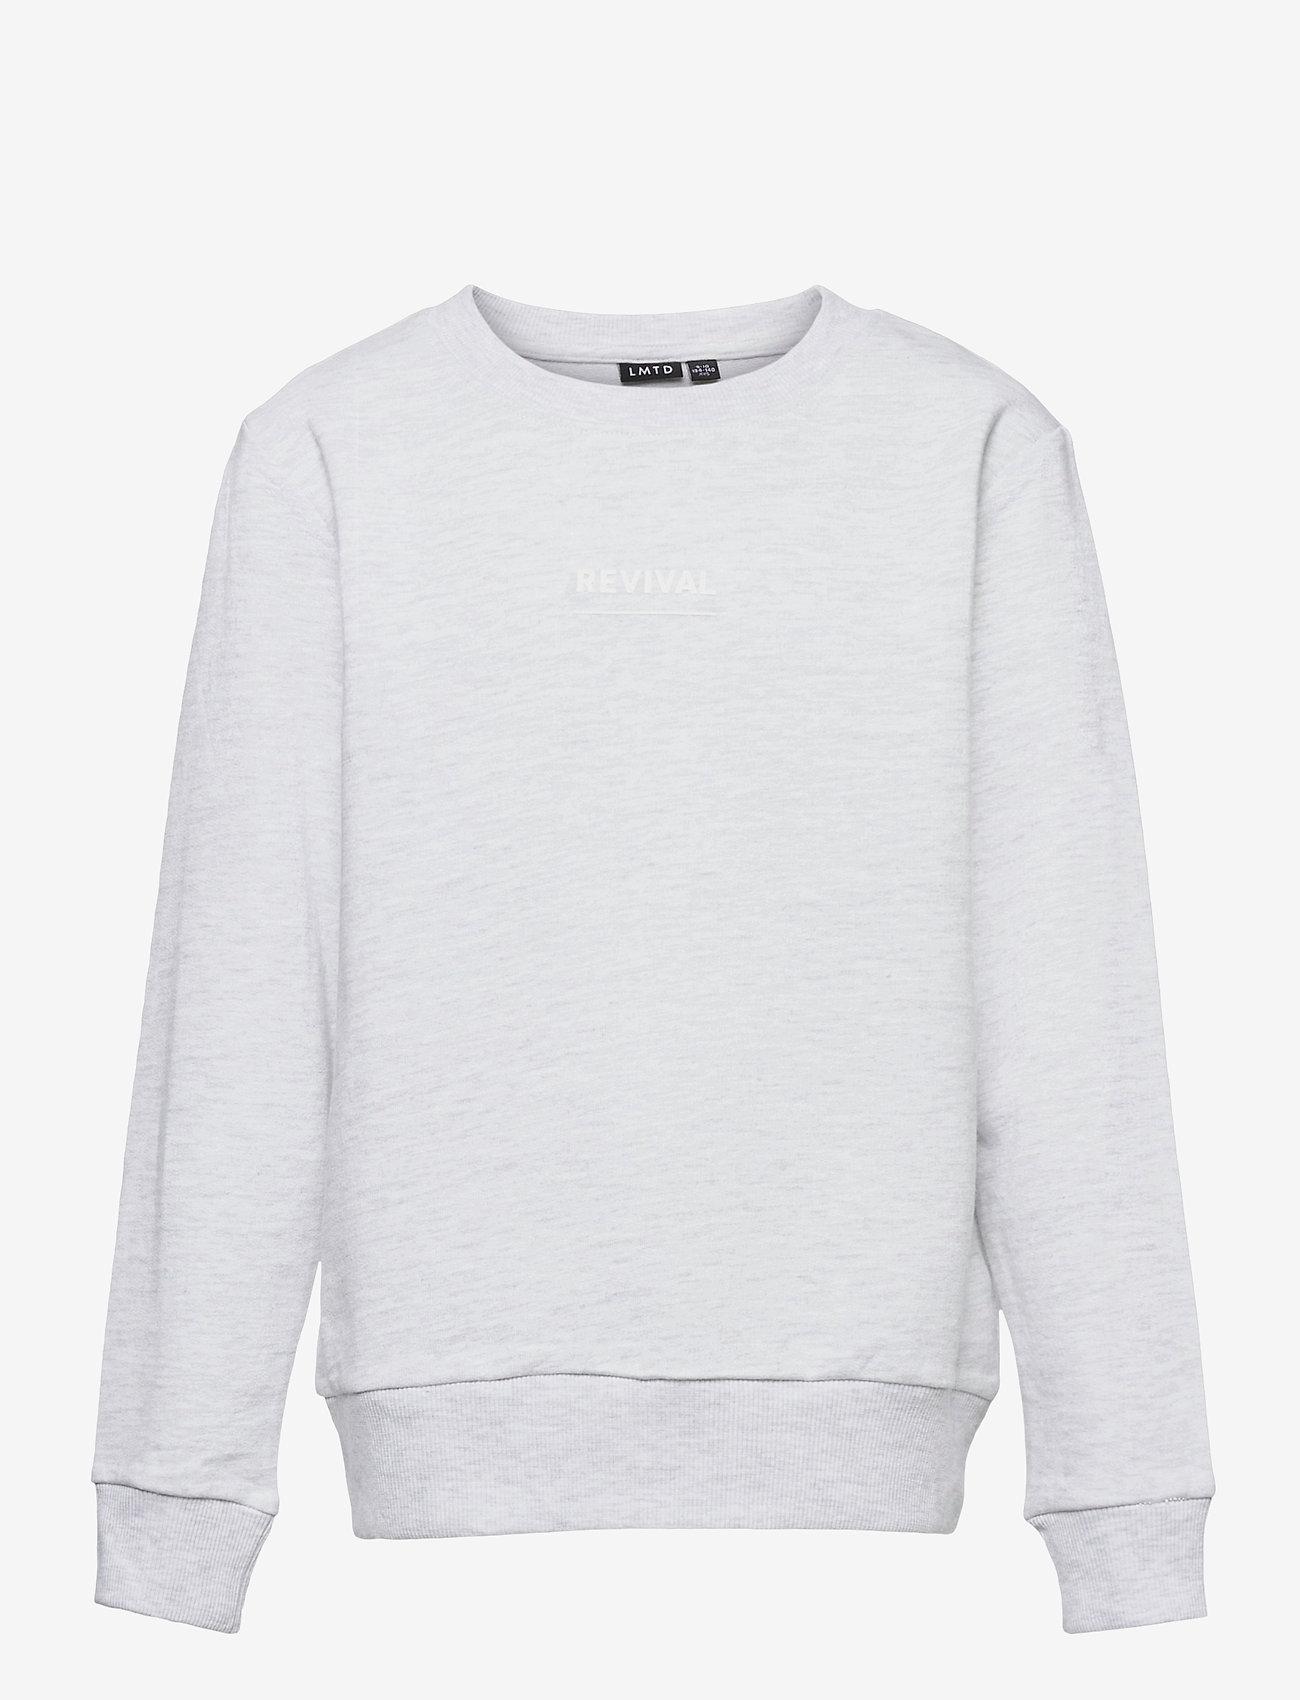 LMTD - NLMFISTAN LS SWEAT - sweatshirts - oatmeal - 0